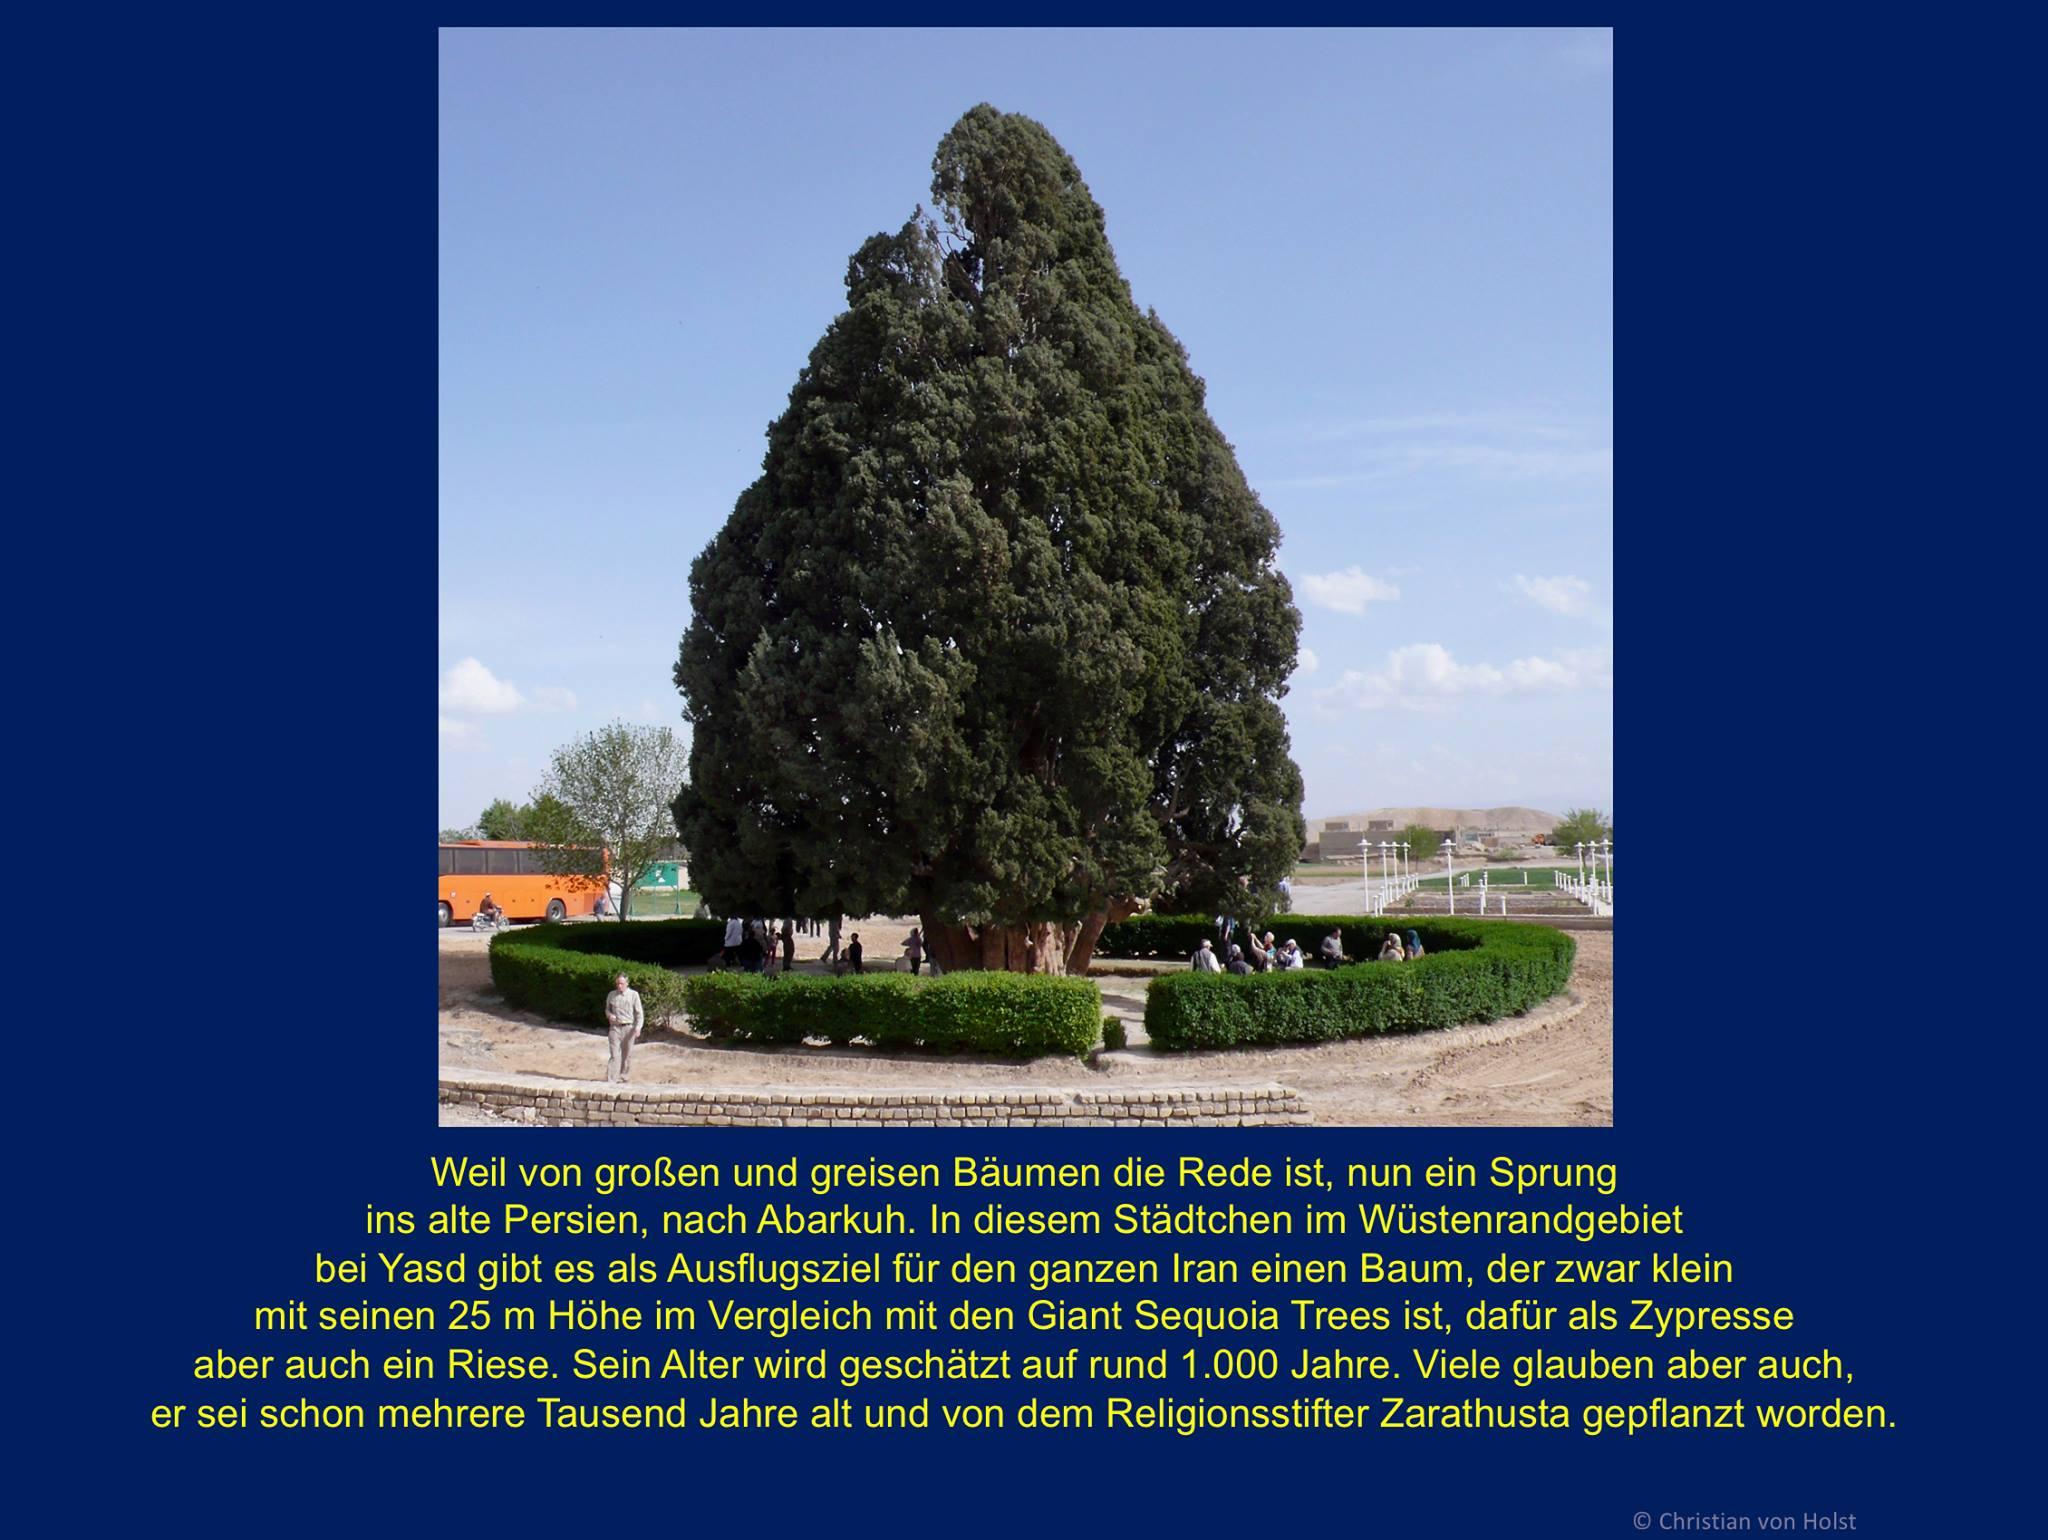 Buchsdinos und weitere Naturriesen  Abarkuh im Iran: grösste und älteste Zypresse des Landes